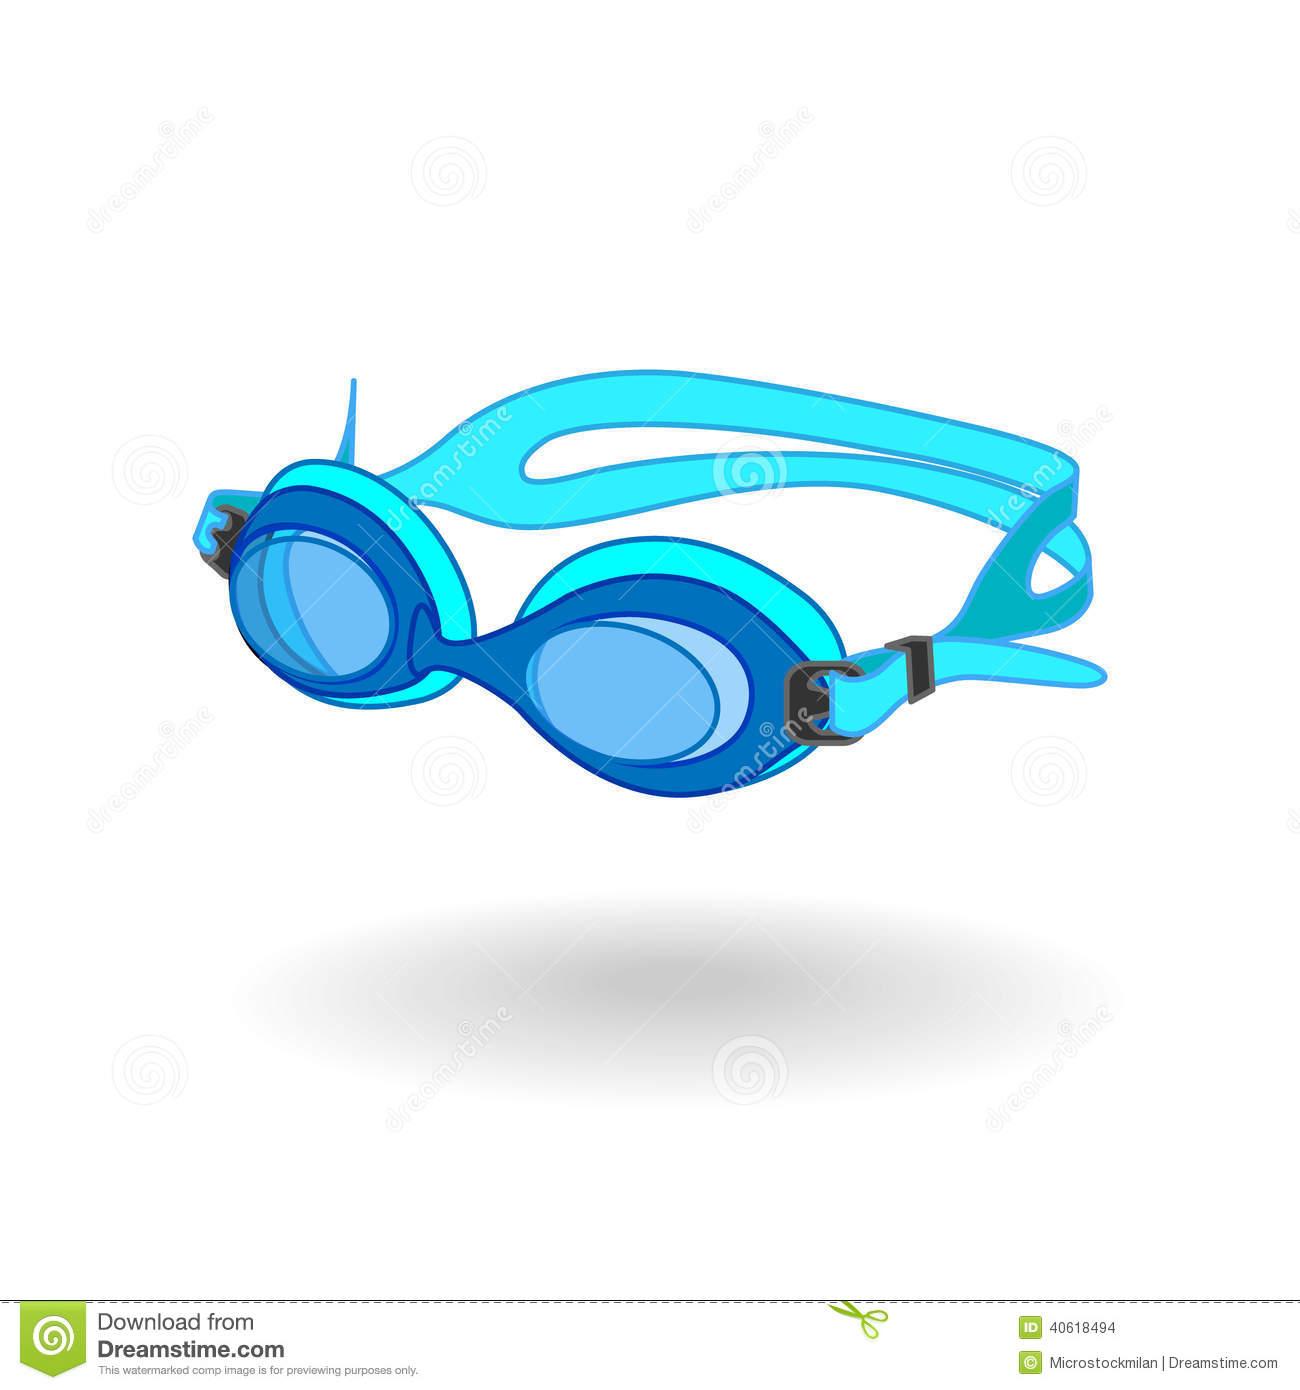 Clipart swimming goggles clip art transparent download Free Swim Goggles Cliparts, Download Free Clip Art, Free Clip Art on ... clip art transparent download